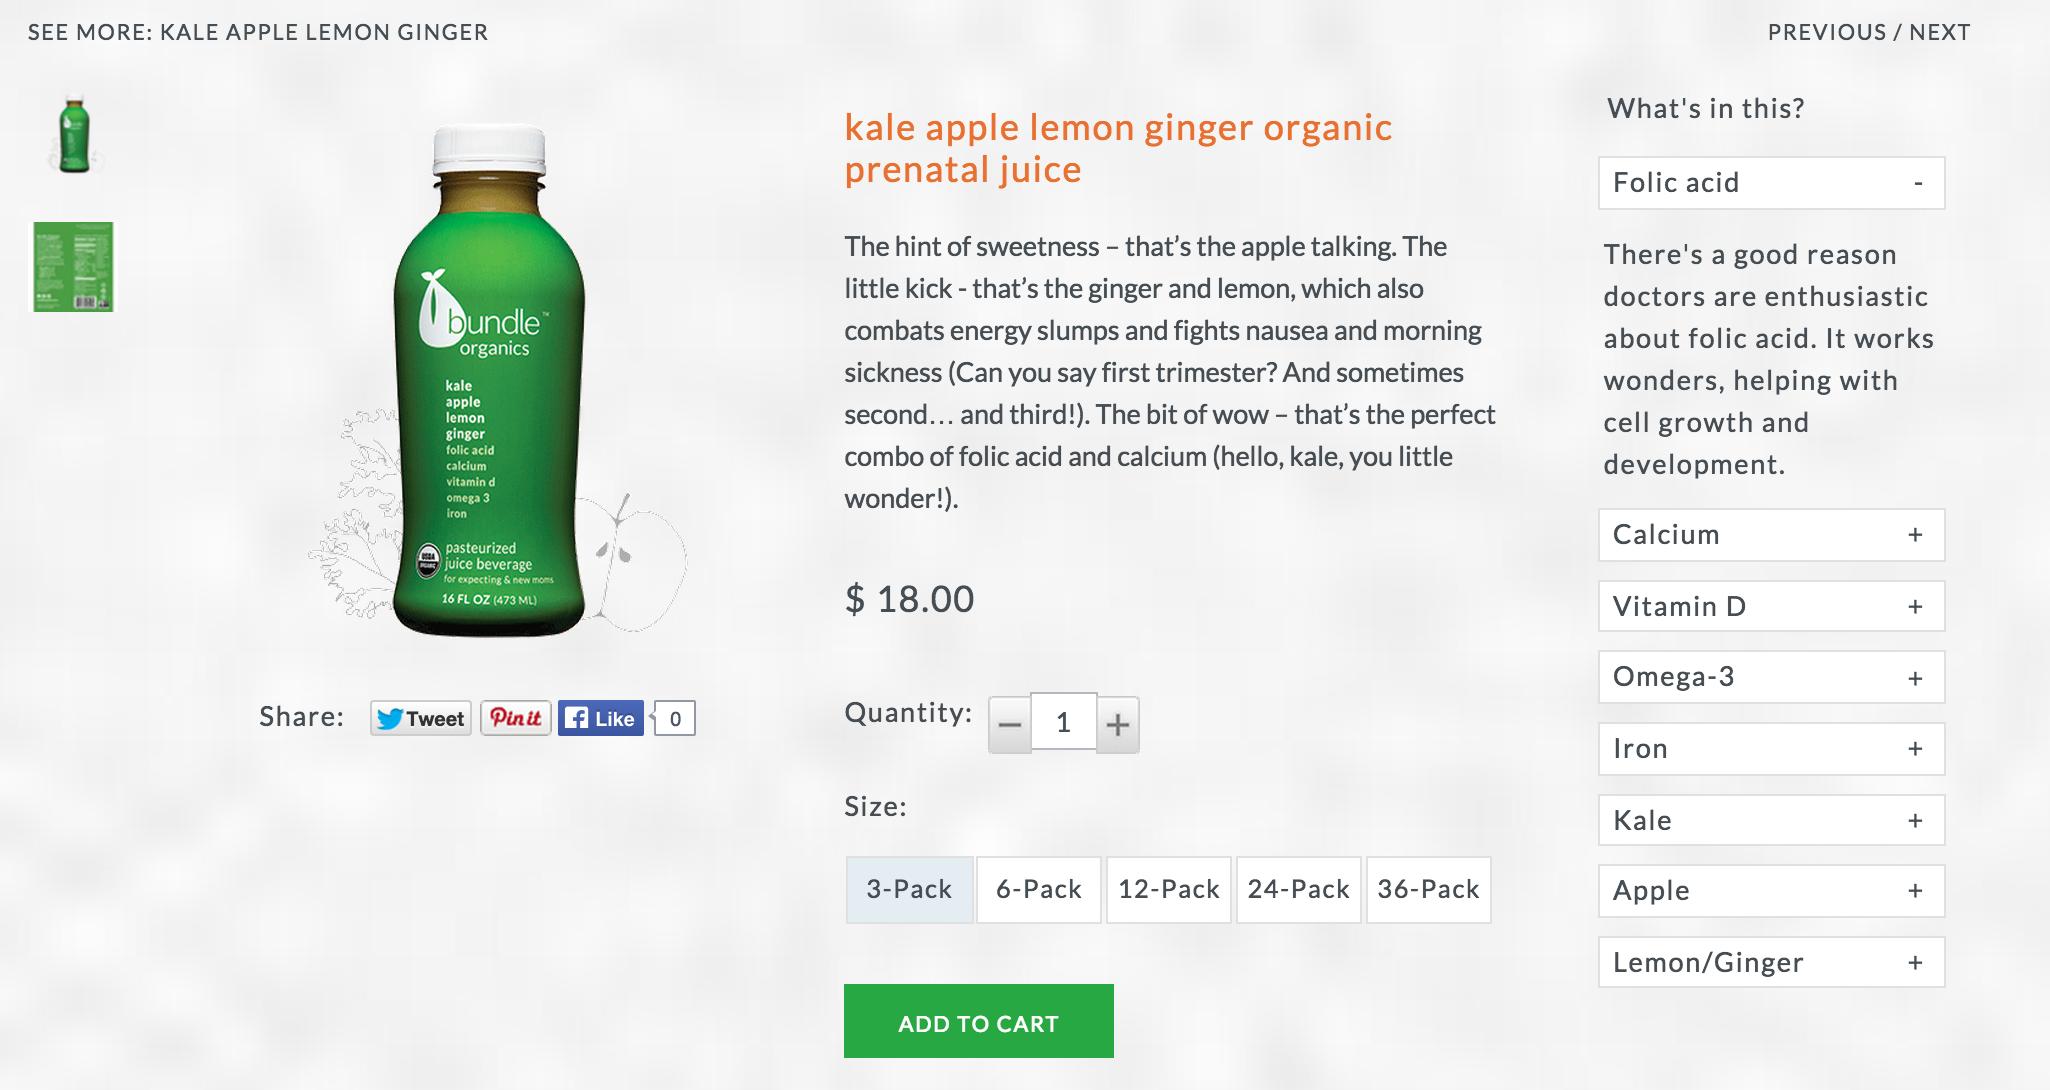 Product Description: Kale Apple Lemon Ginger